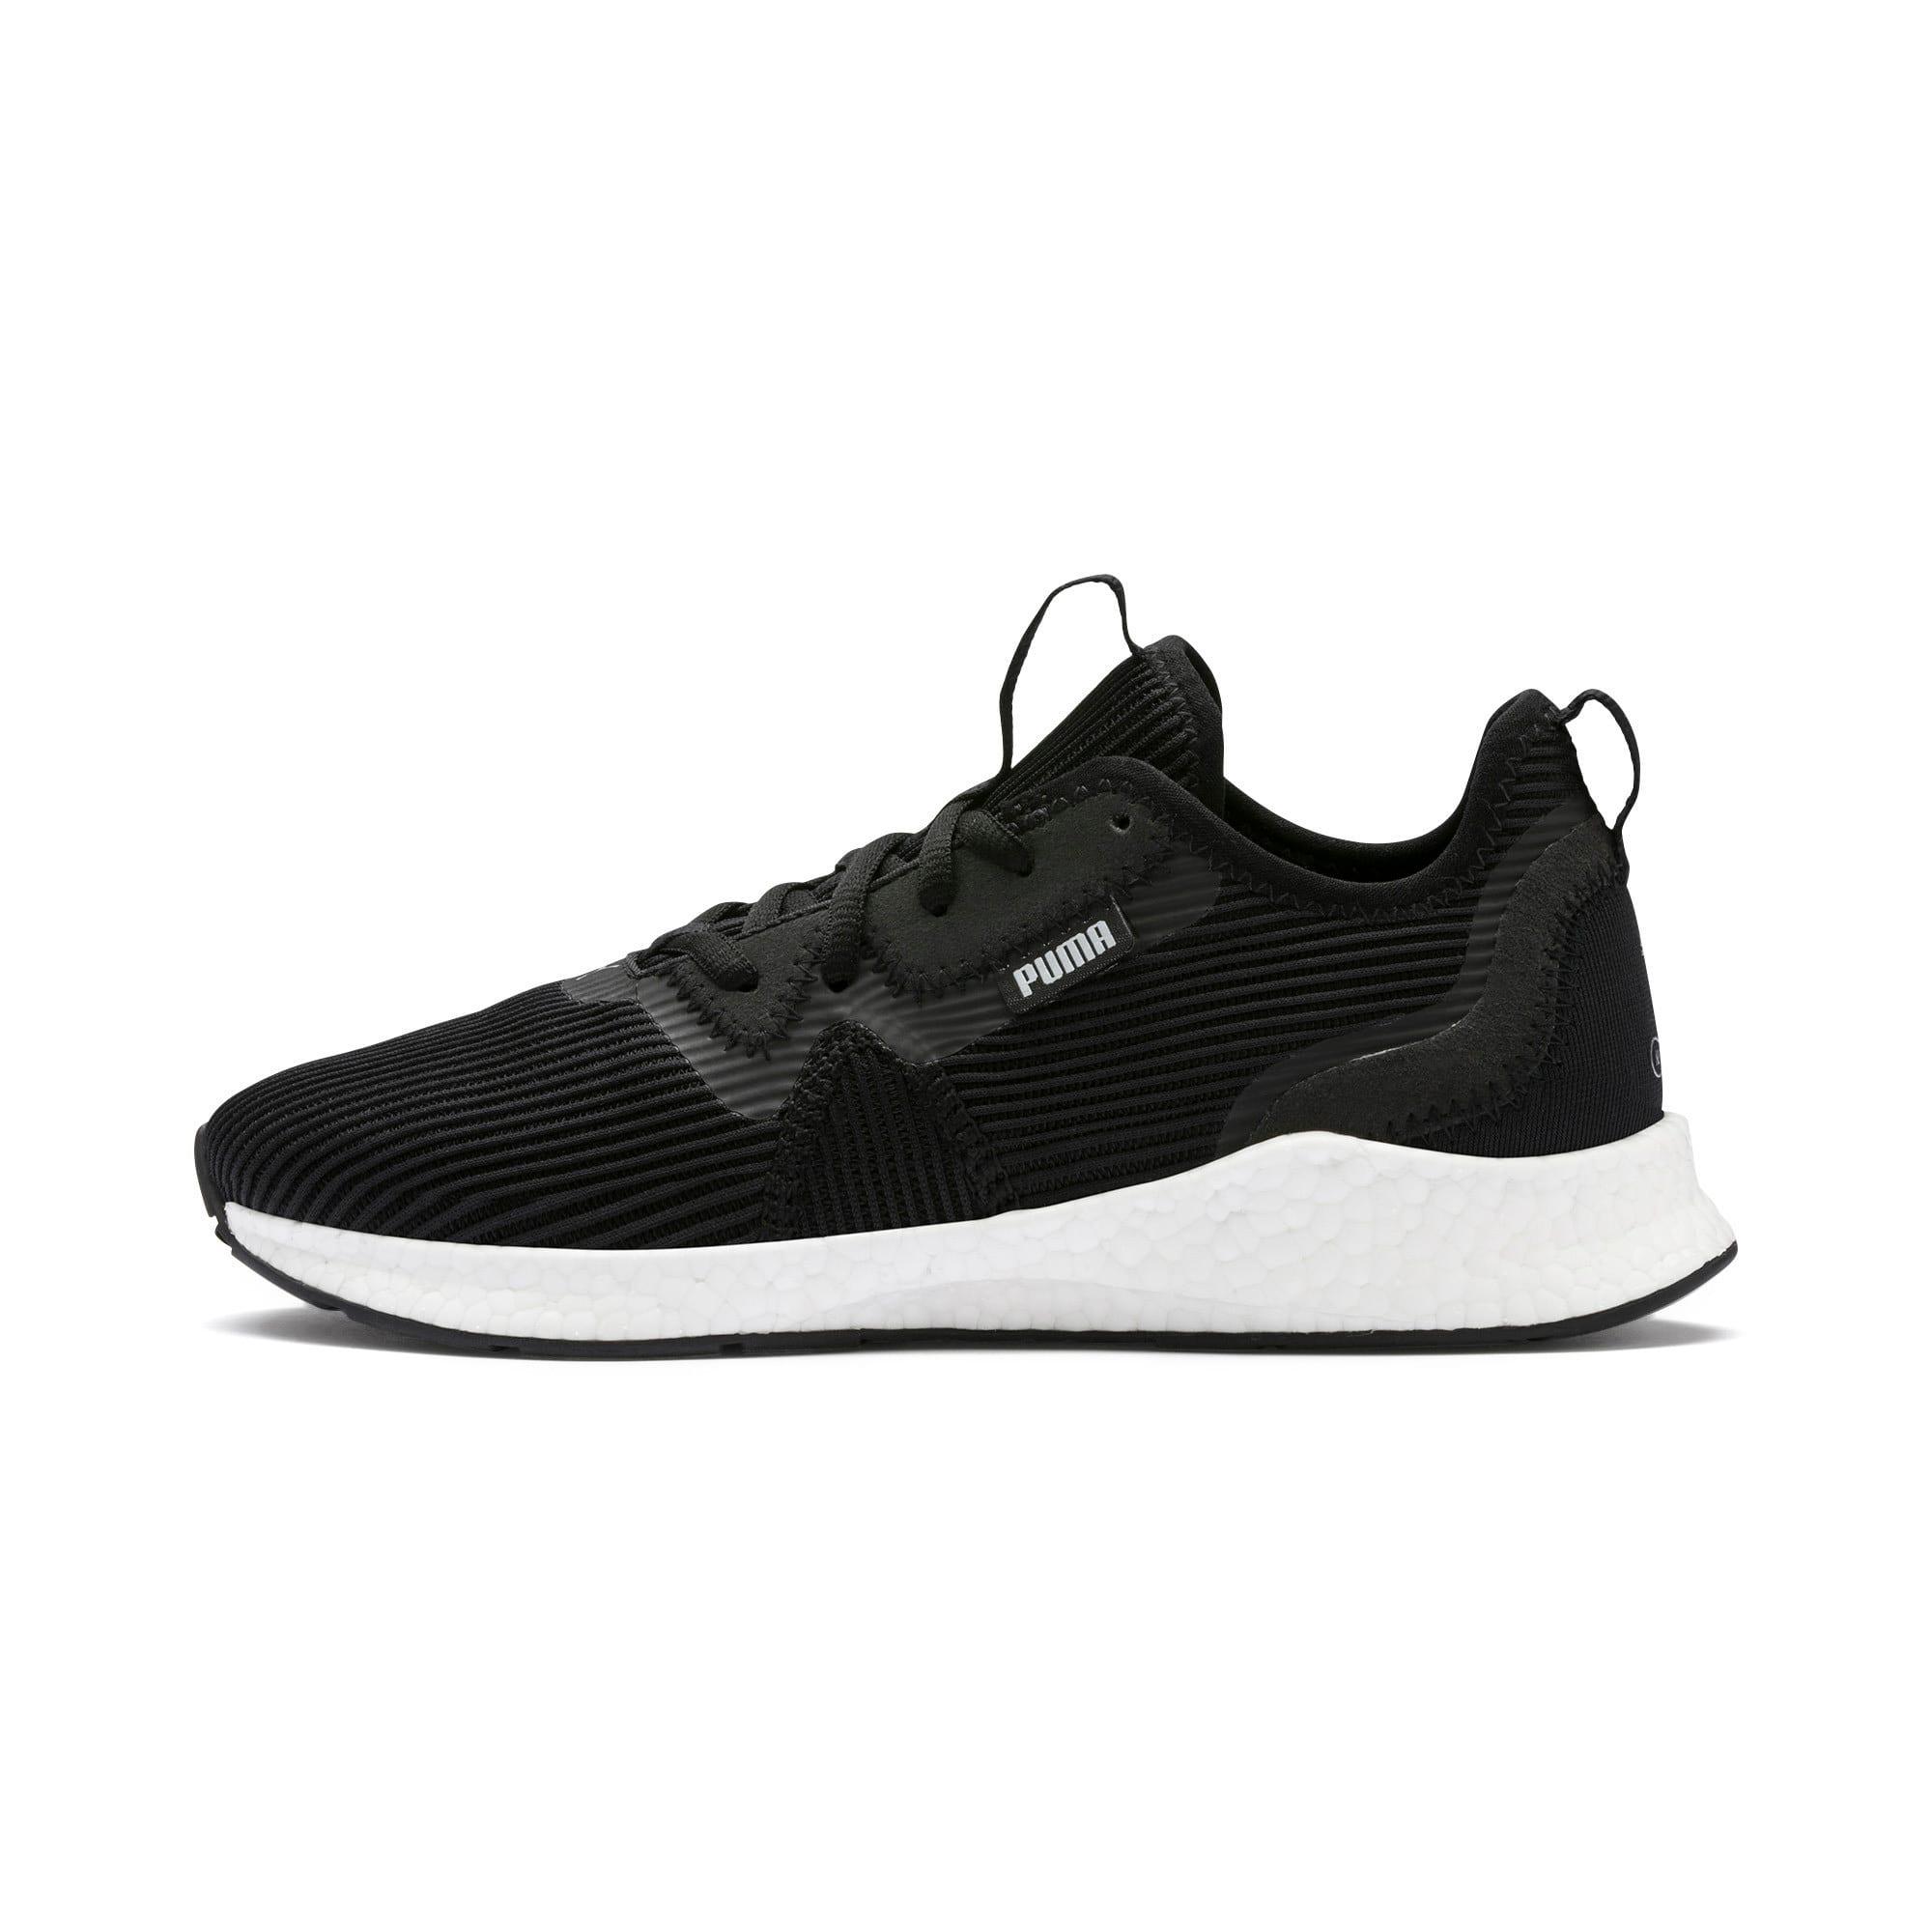 Thumbnail 1 of NRGY Star Femme Women's Running Shoes, Black-Silver-White, medium